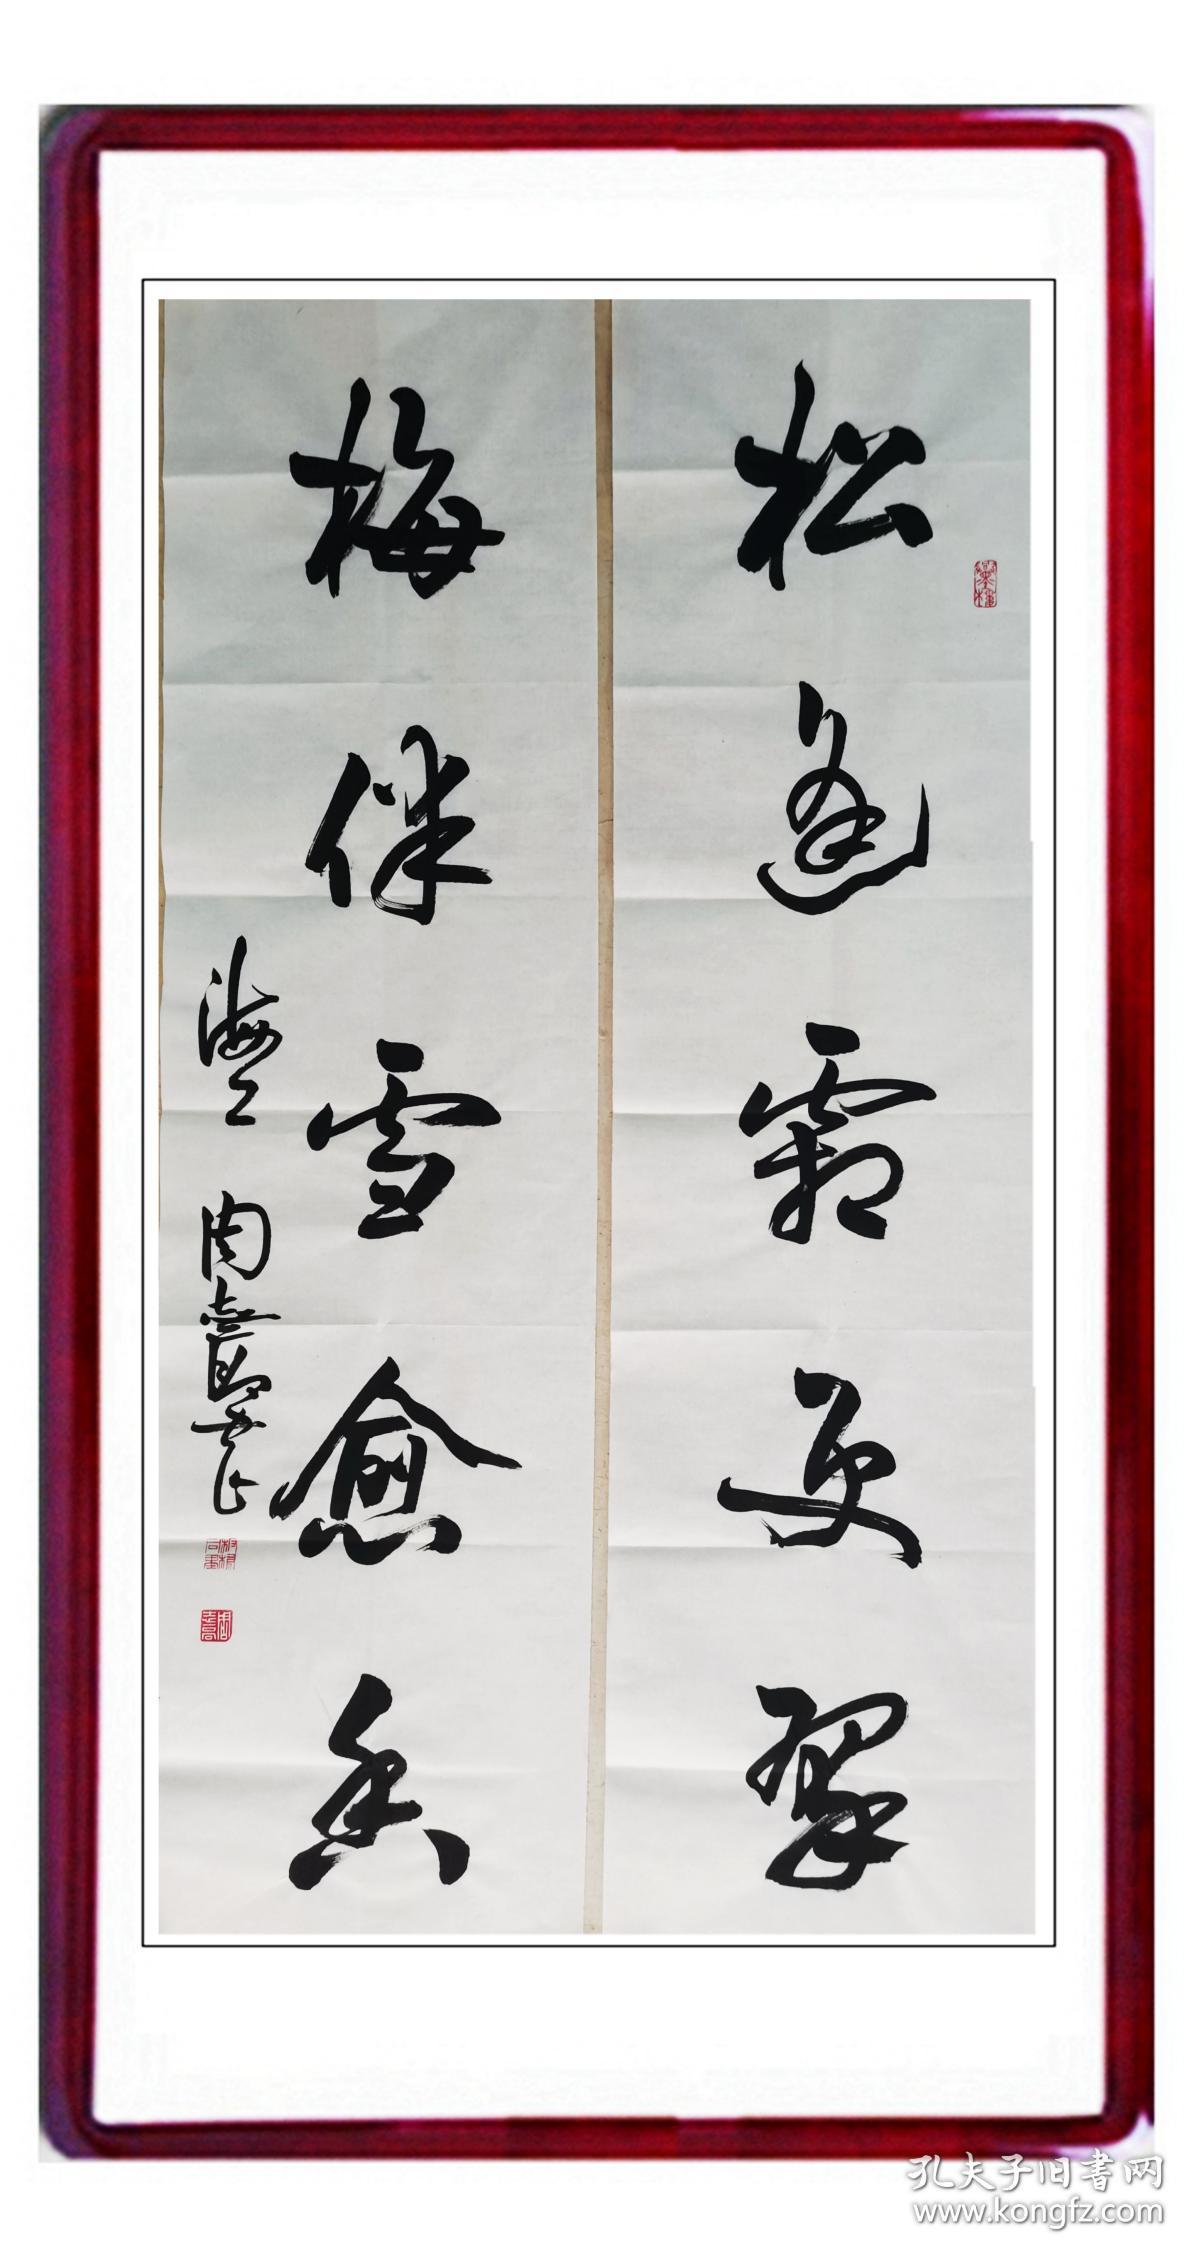 周志高书法作品,上海市书法家协会主席,中国书法家协会第一届、第二届常务理事,第三届理事,中国书法家协会资深评委,